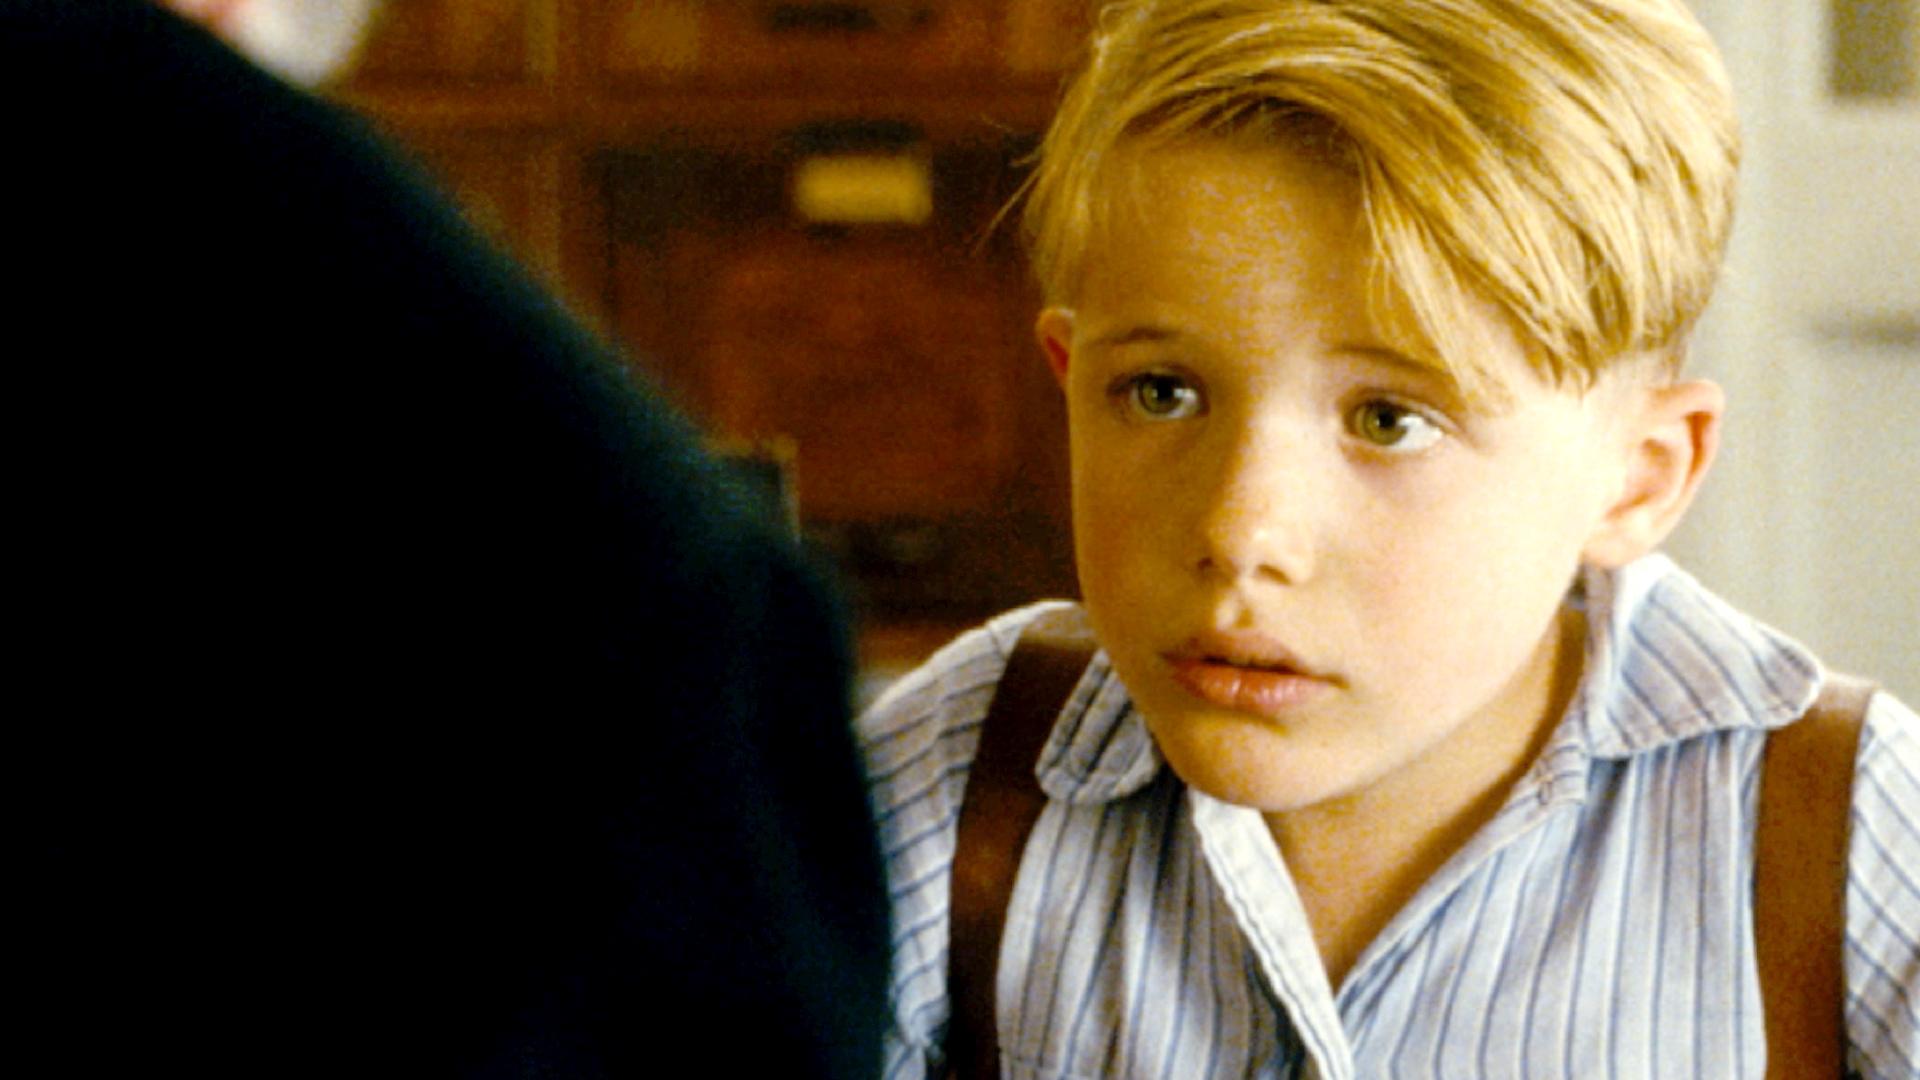 little boy moms movie minute little boy fandango